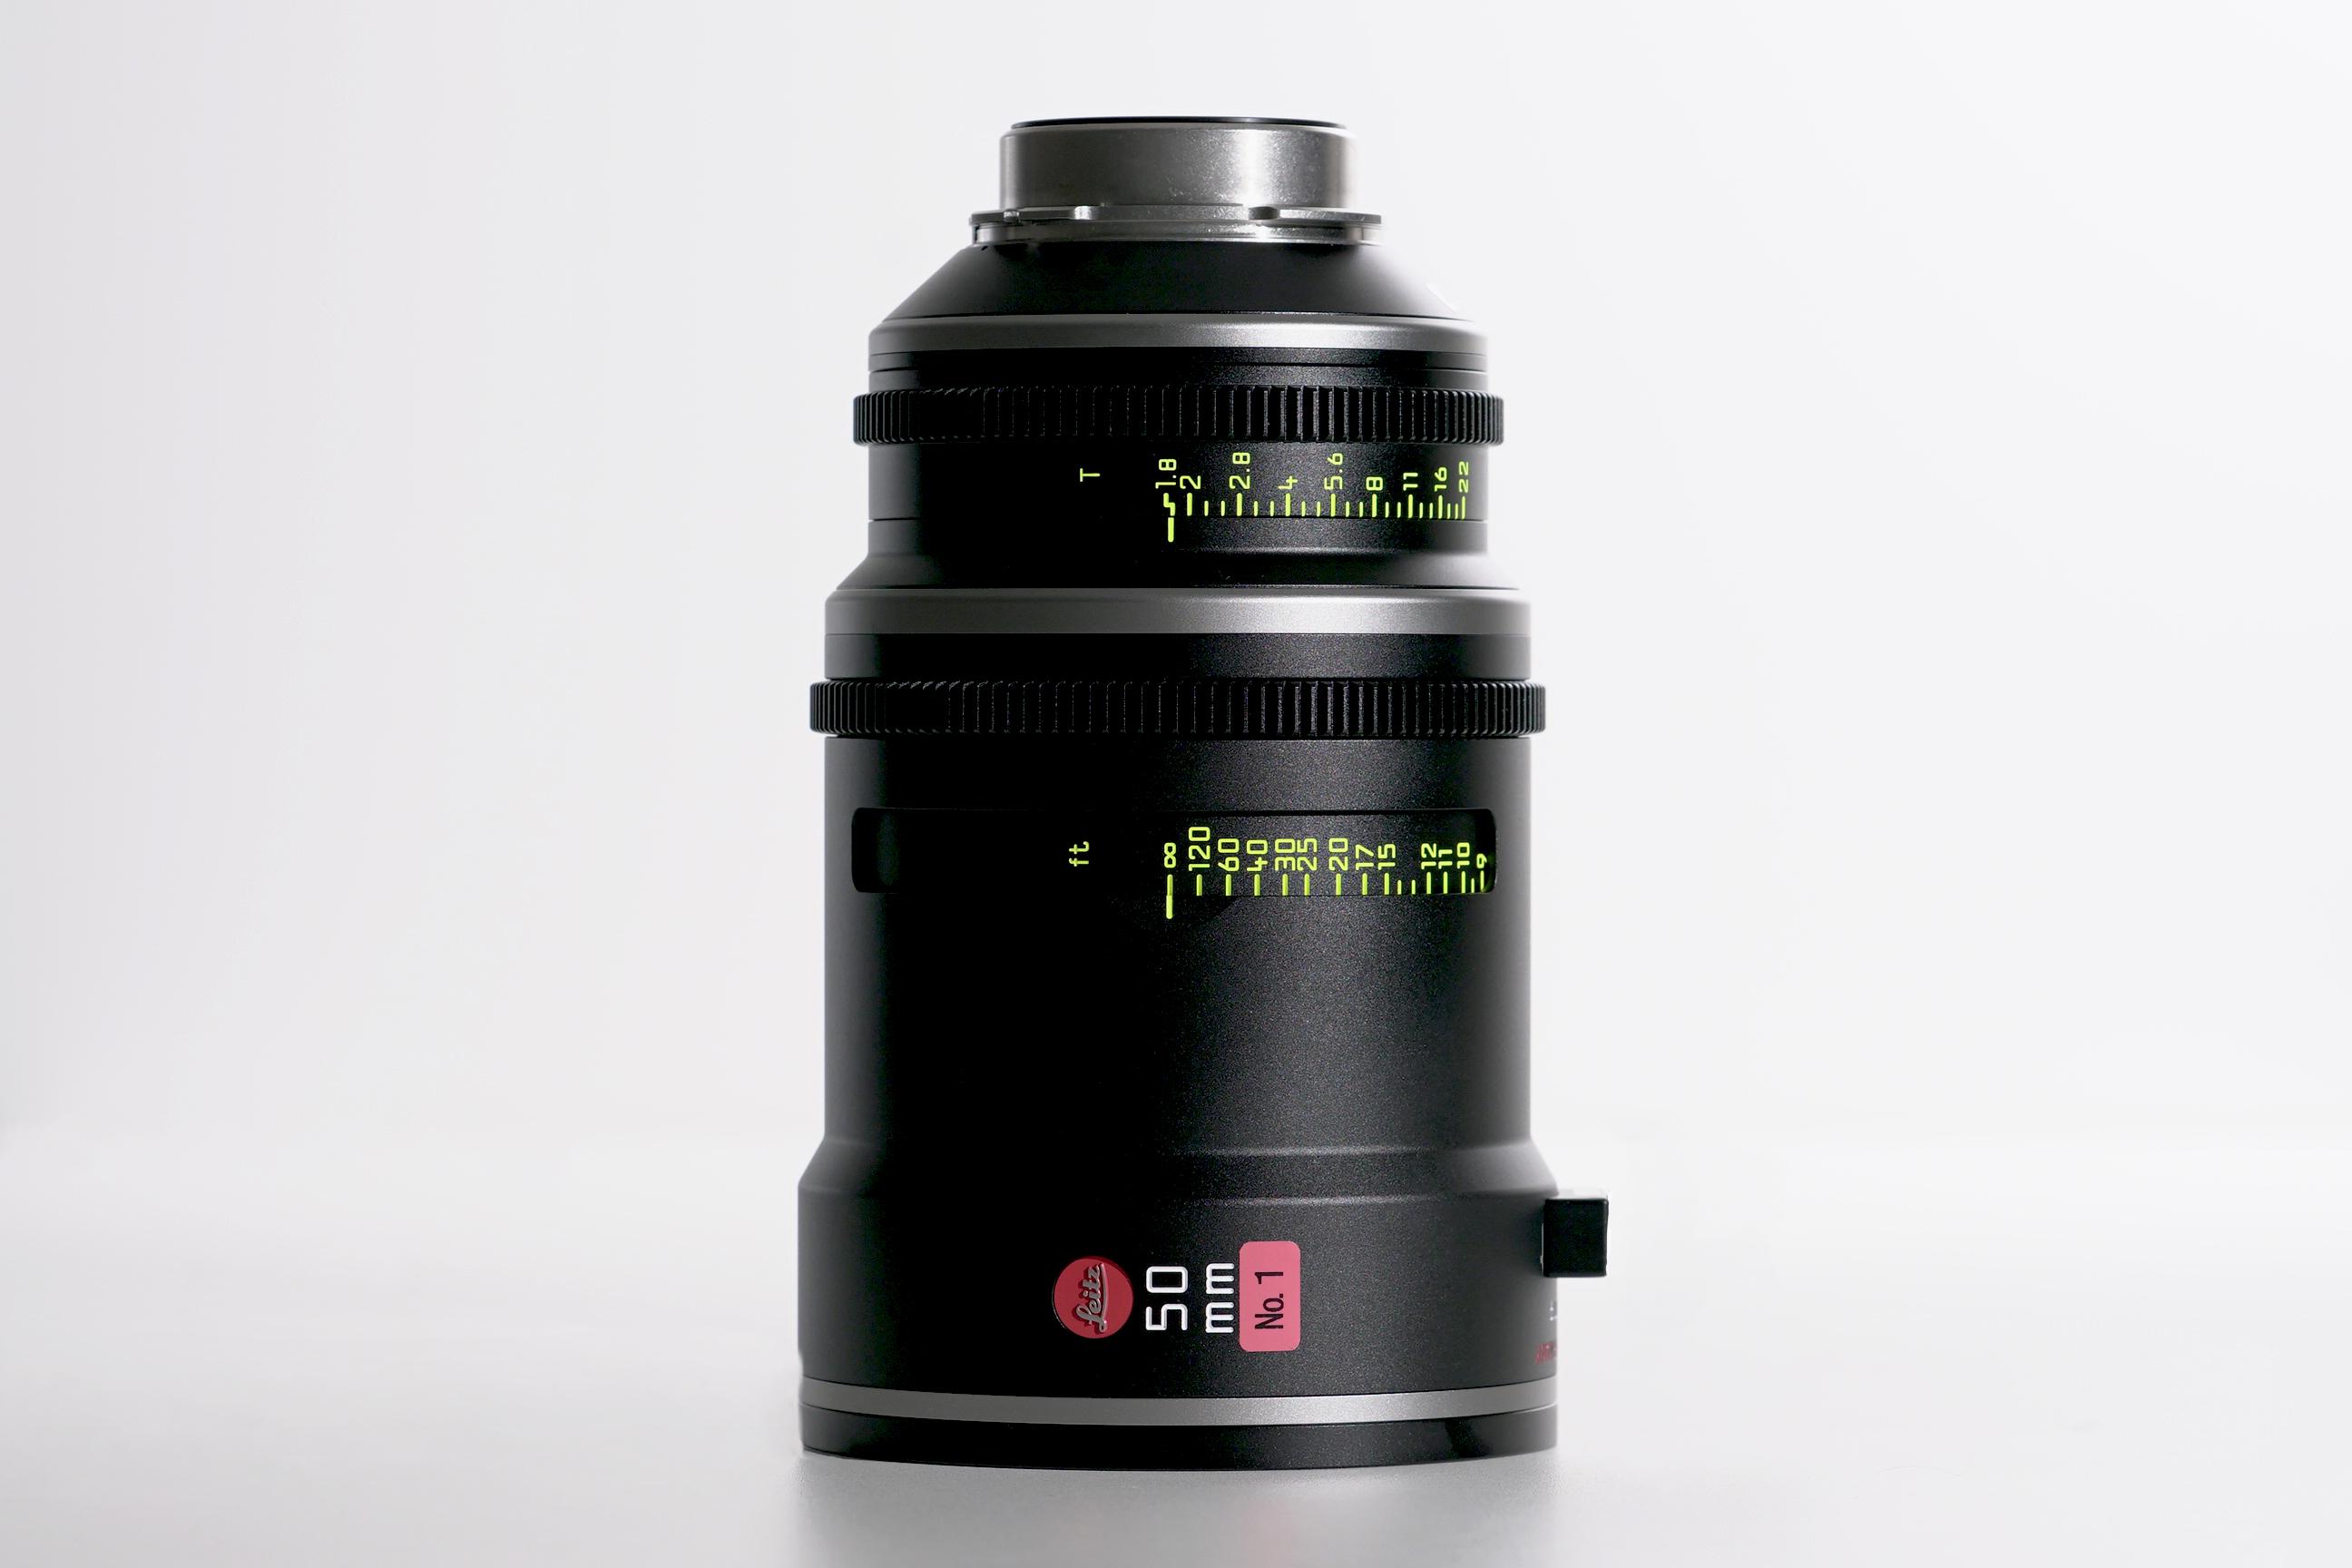 Leitz Prime 50mm T1.8